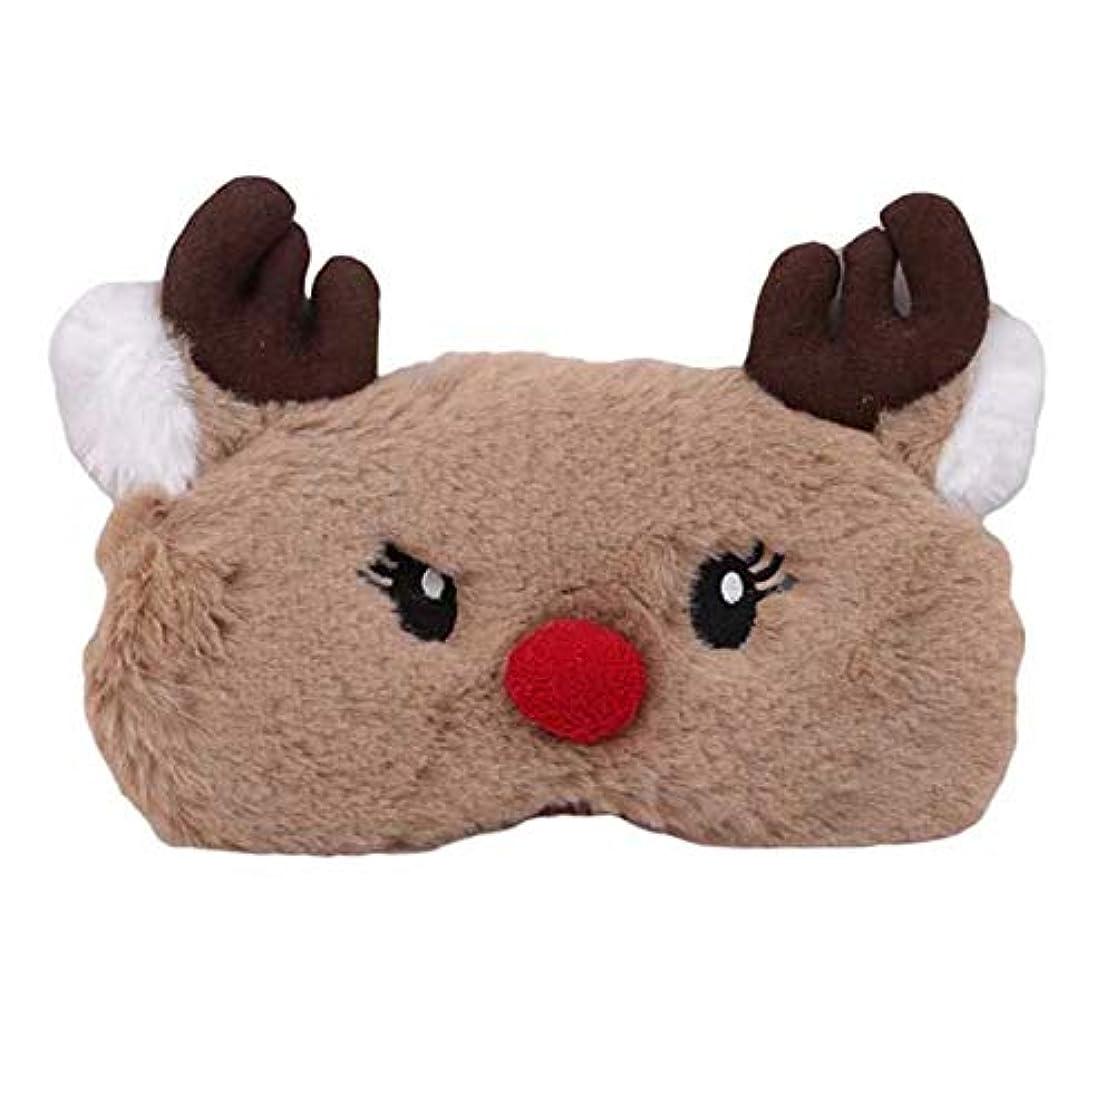 ラジカル時計回り土砂降りNOTE 1ピースかわいい動物アイカバースリーピングマスクアイパッチ包帯目隠しクリスマス鹿冬漫画昼寝アイシェードぬいぐるみフェイスマスク